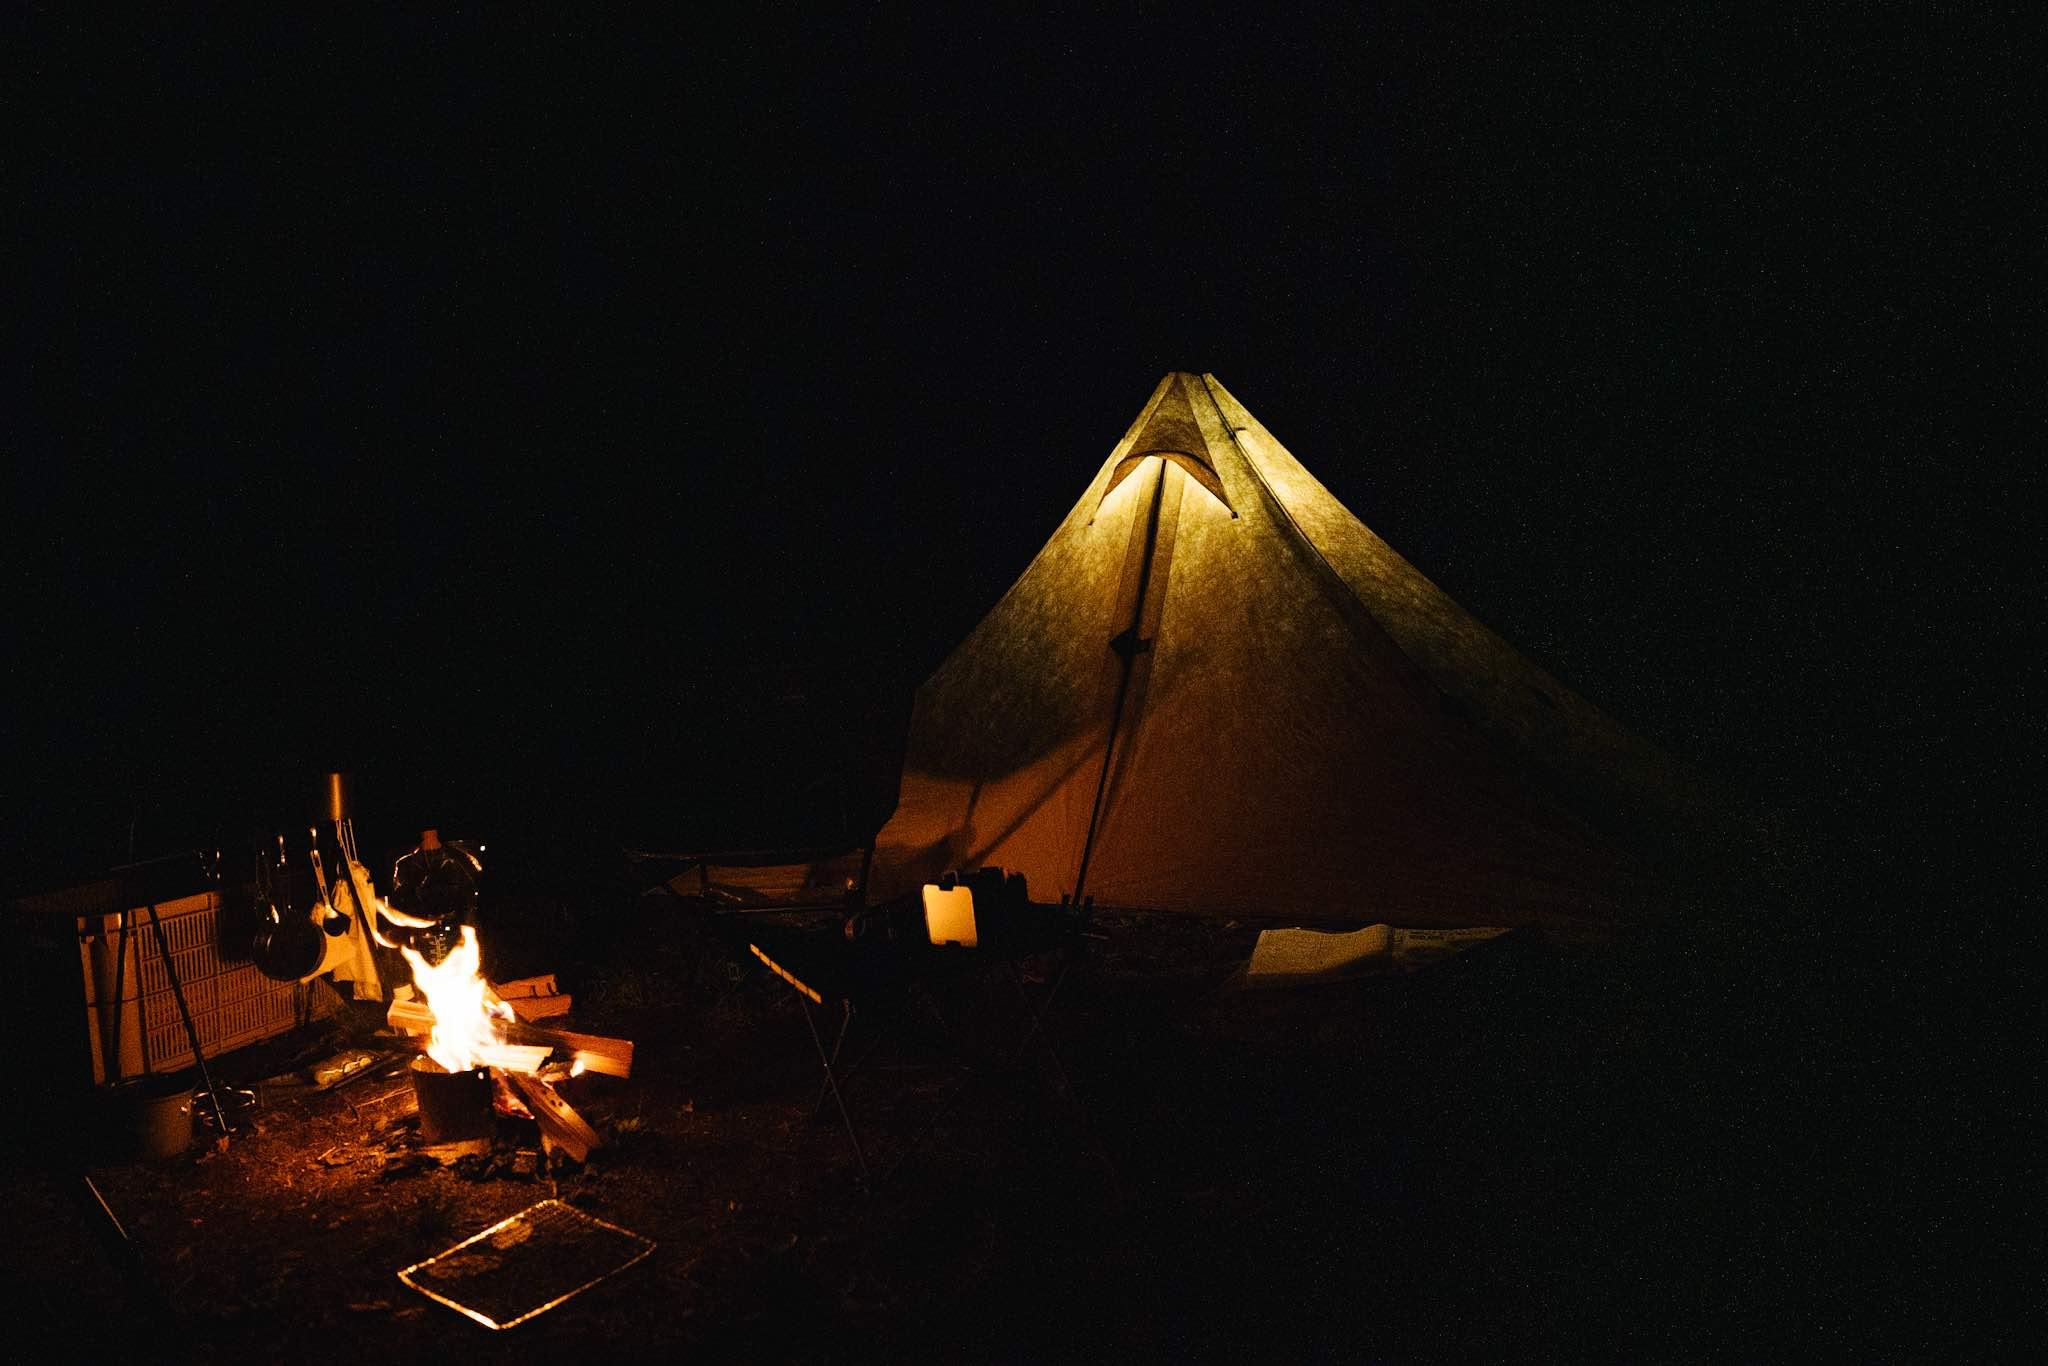 ソロキャンプにおすすめな焚き火台とは?|押さえておきたい3つのポイント